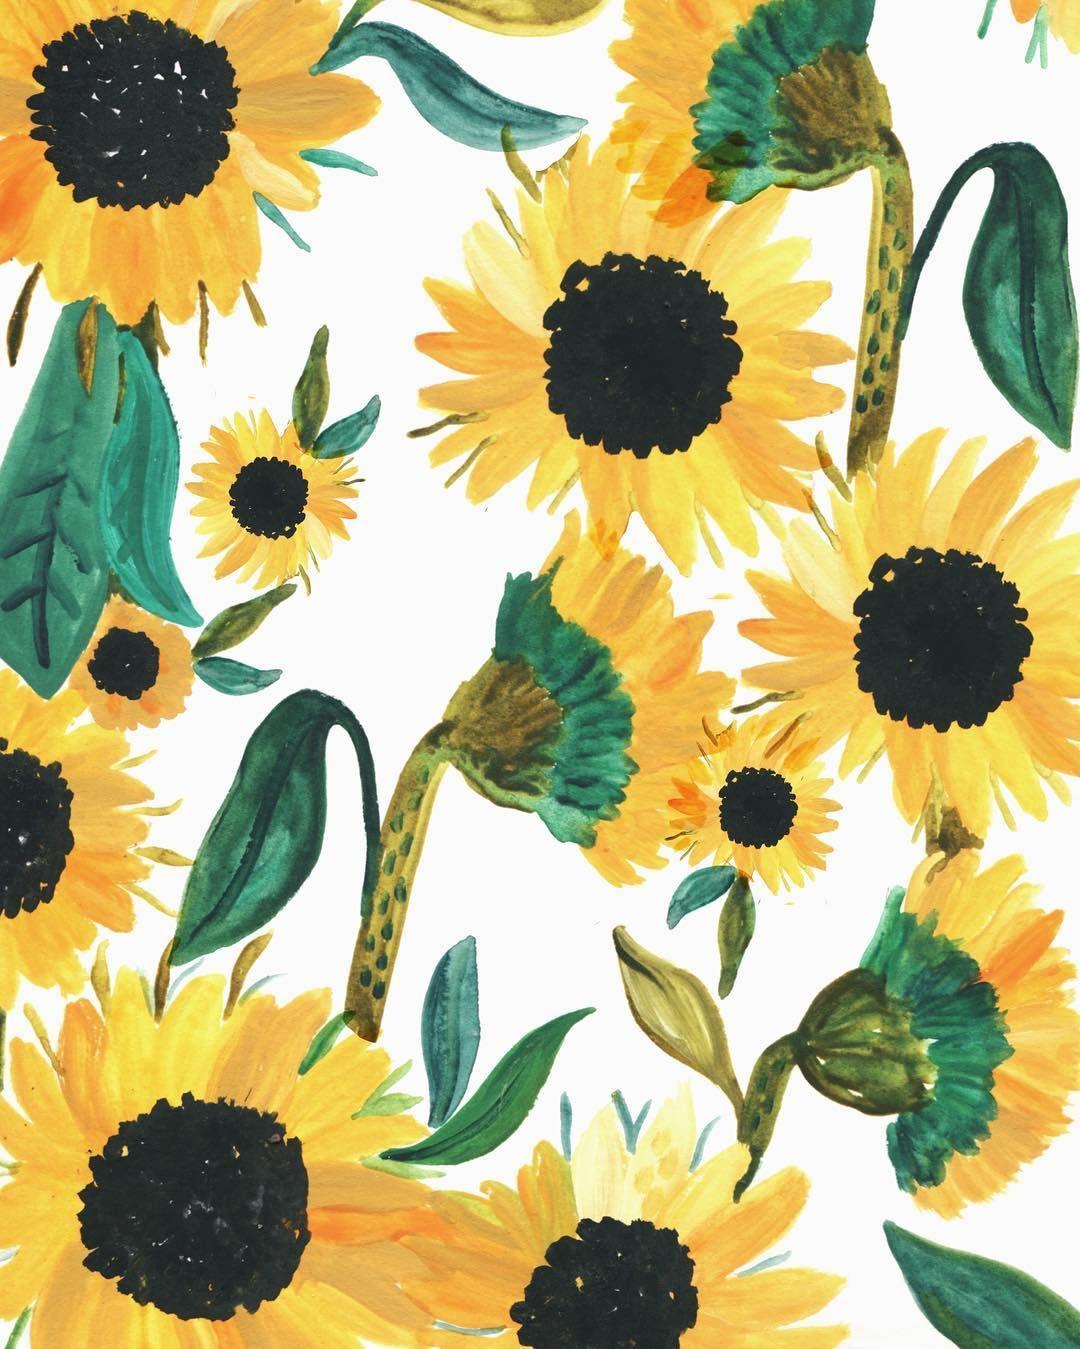 Sunday Sunflowers by rosieharbottle Girassol desenho